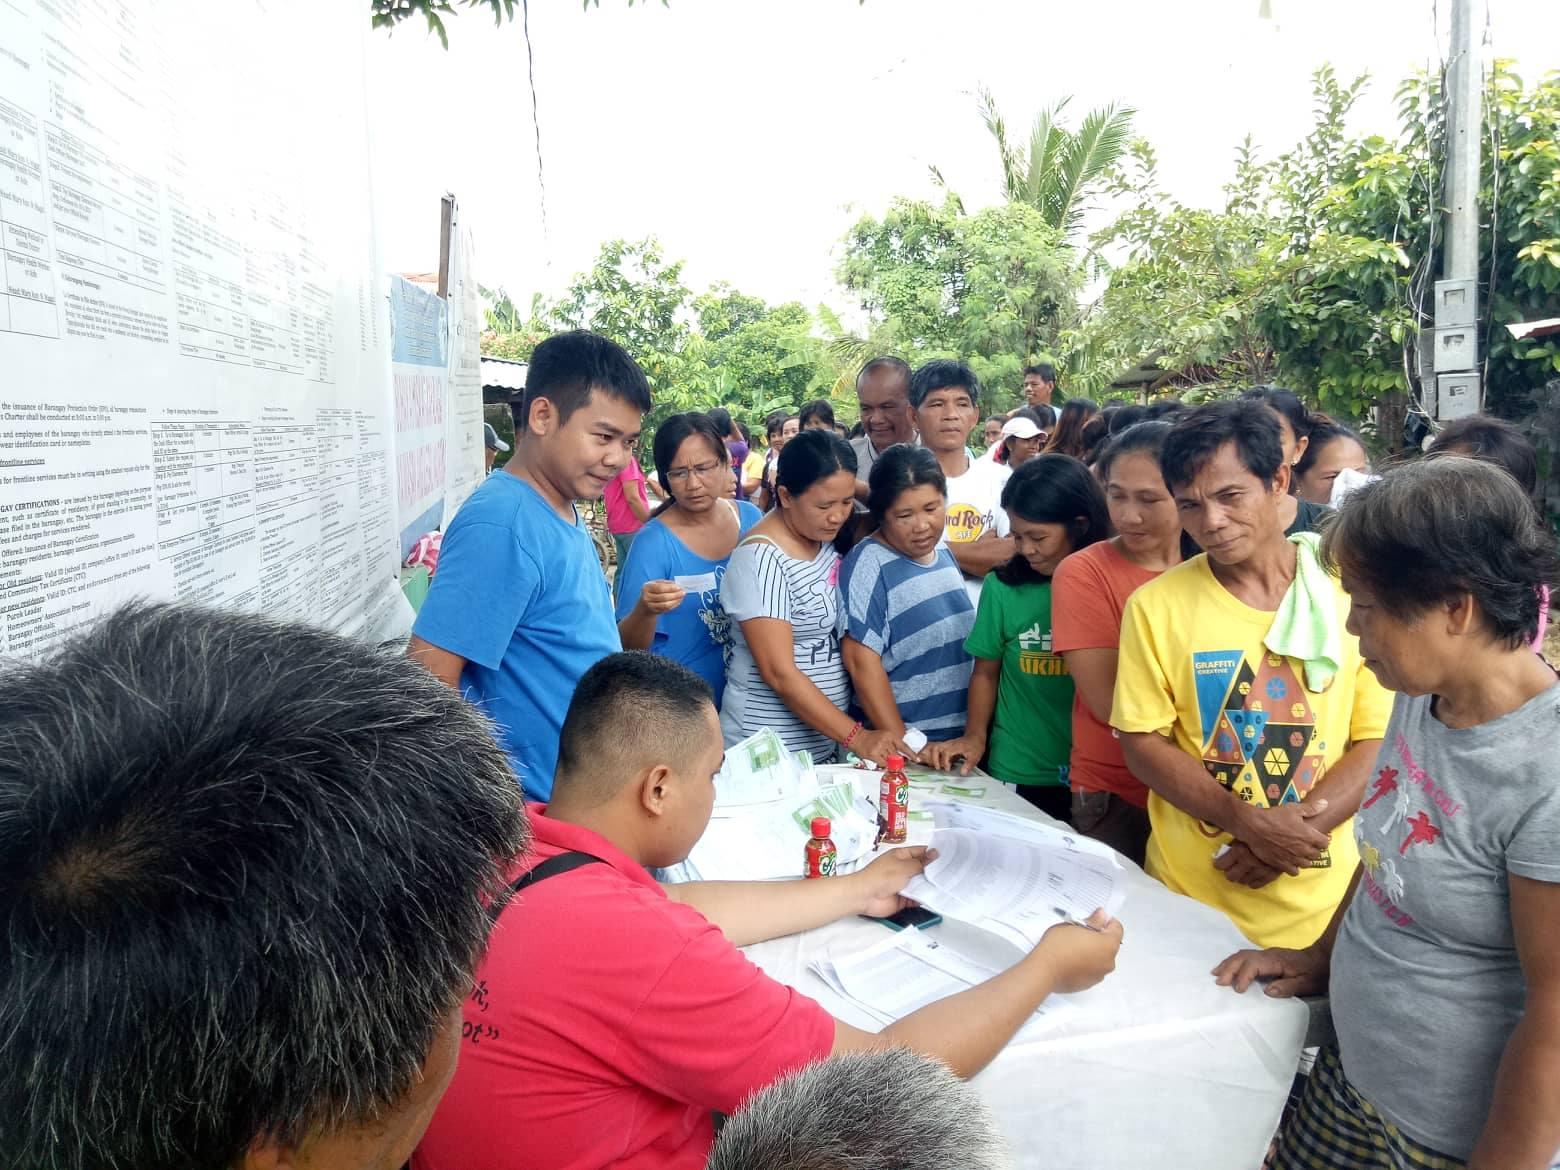 PhilHealth MDR distribution at TSeKaP, tuluy-tuloy sa mga barangay